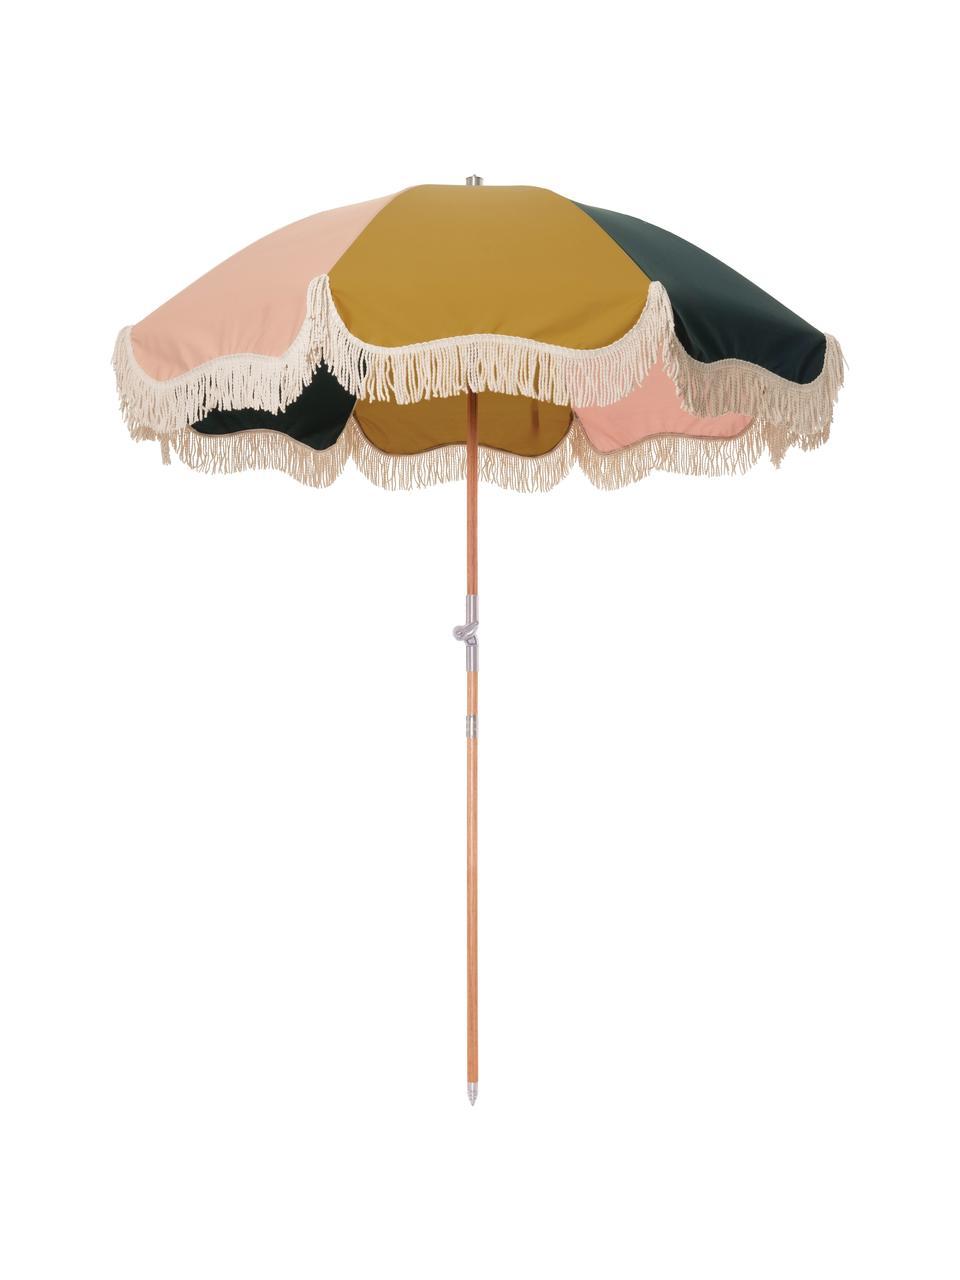 Bunter Sonnenschirm Retro mit Fransen, abknickbar, Gestell: Holz, laminiert, Fransen: Baumwolle, Senfgelb, Rosa, Weiß, Schwarz, Ø 180 x H 230 cm